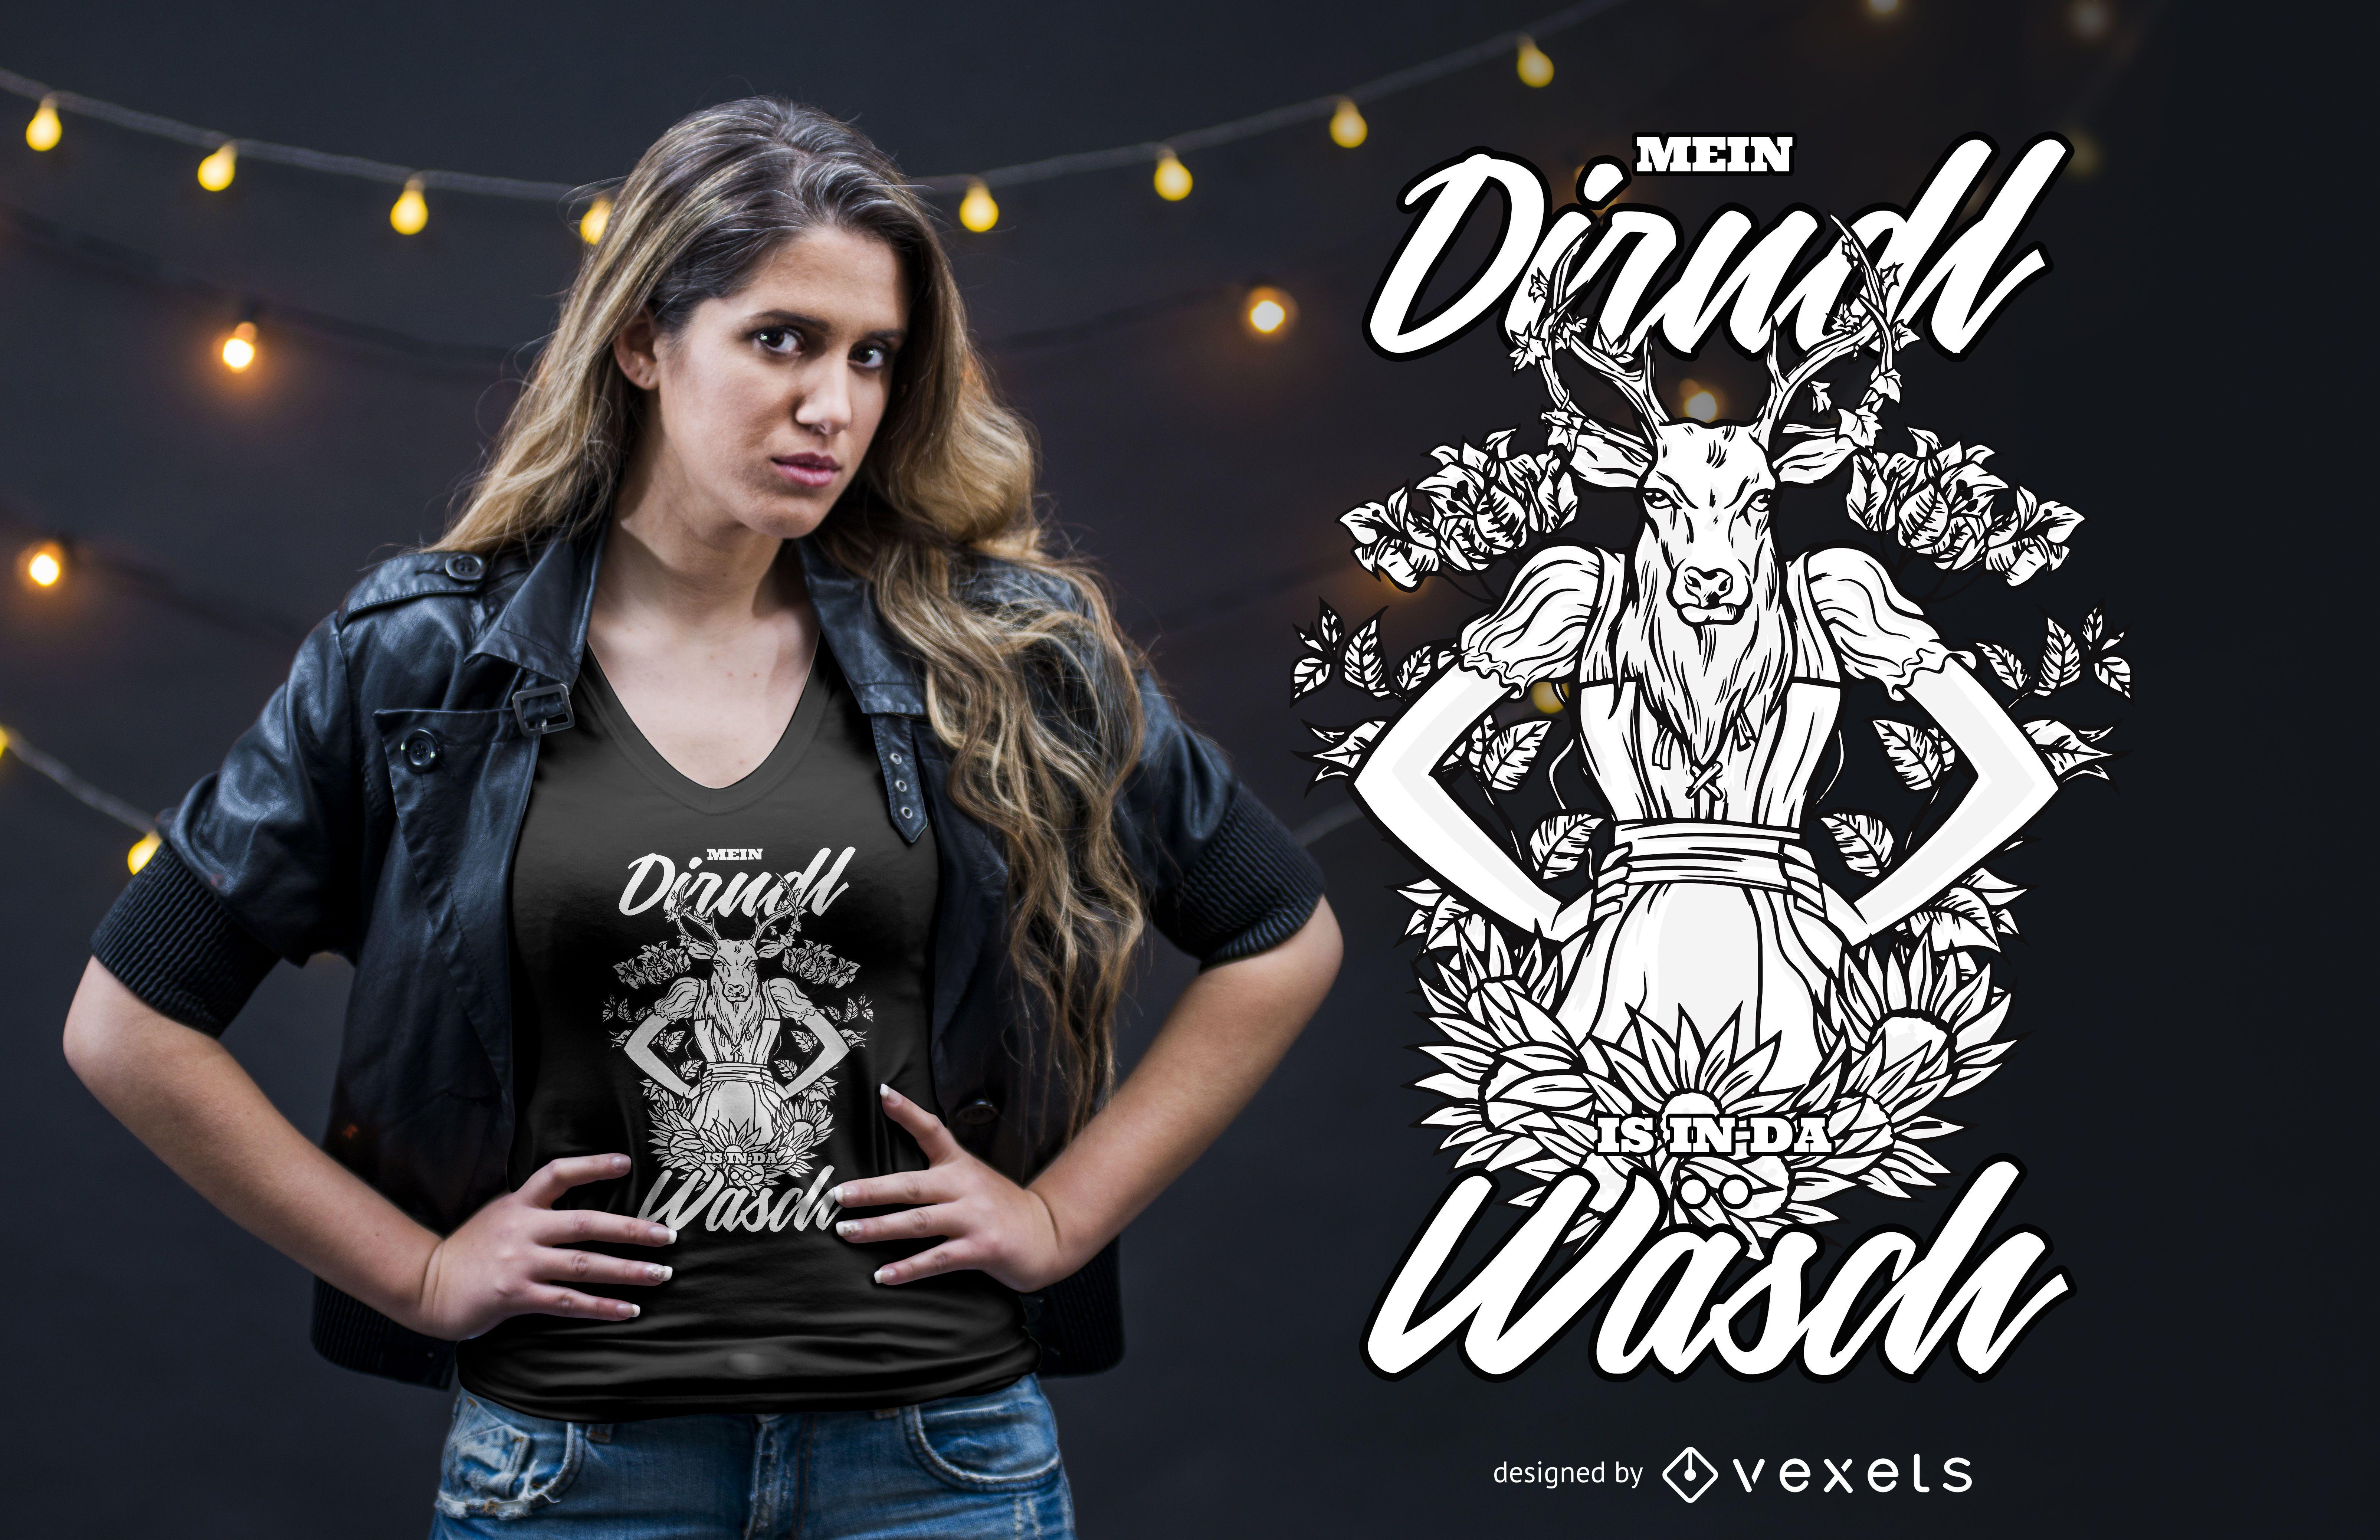 Bayerisches lustiges Zitat-T-Shirt Design